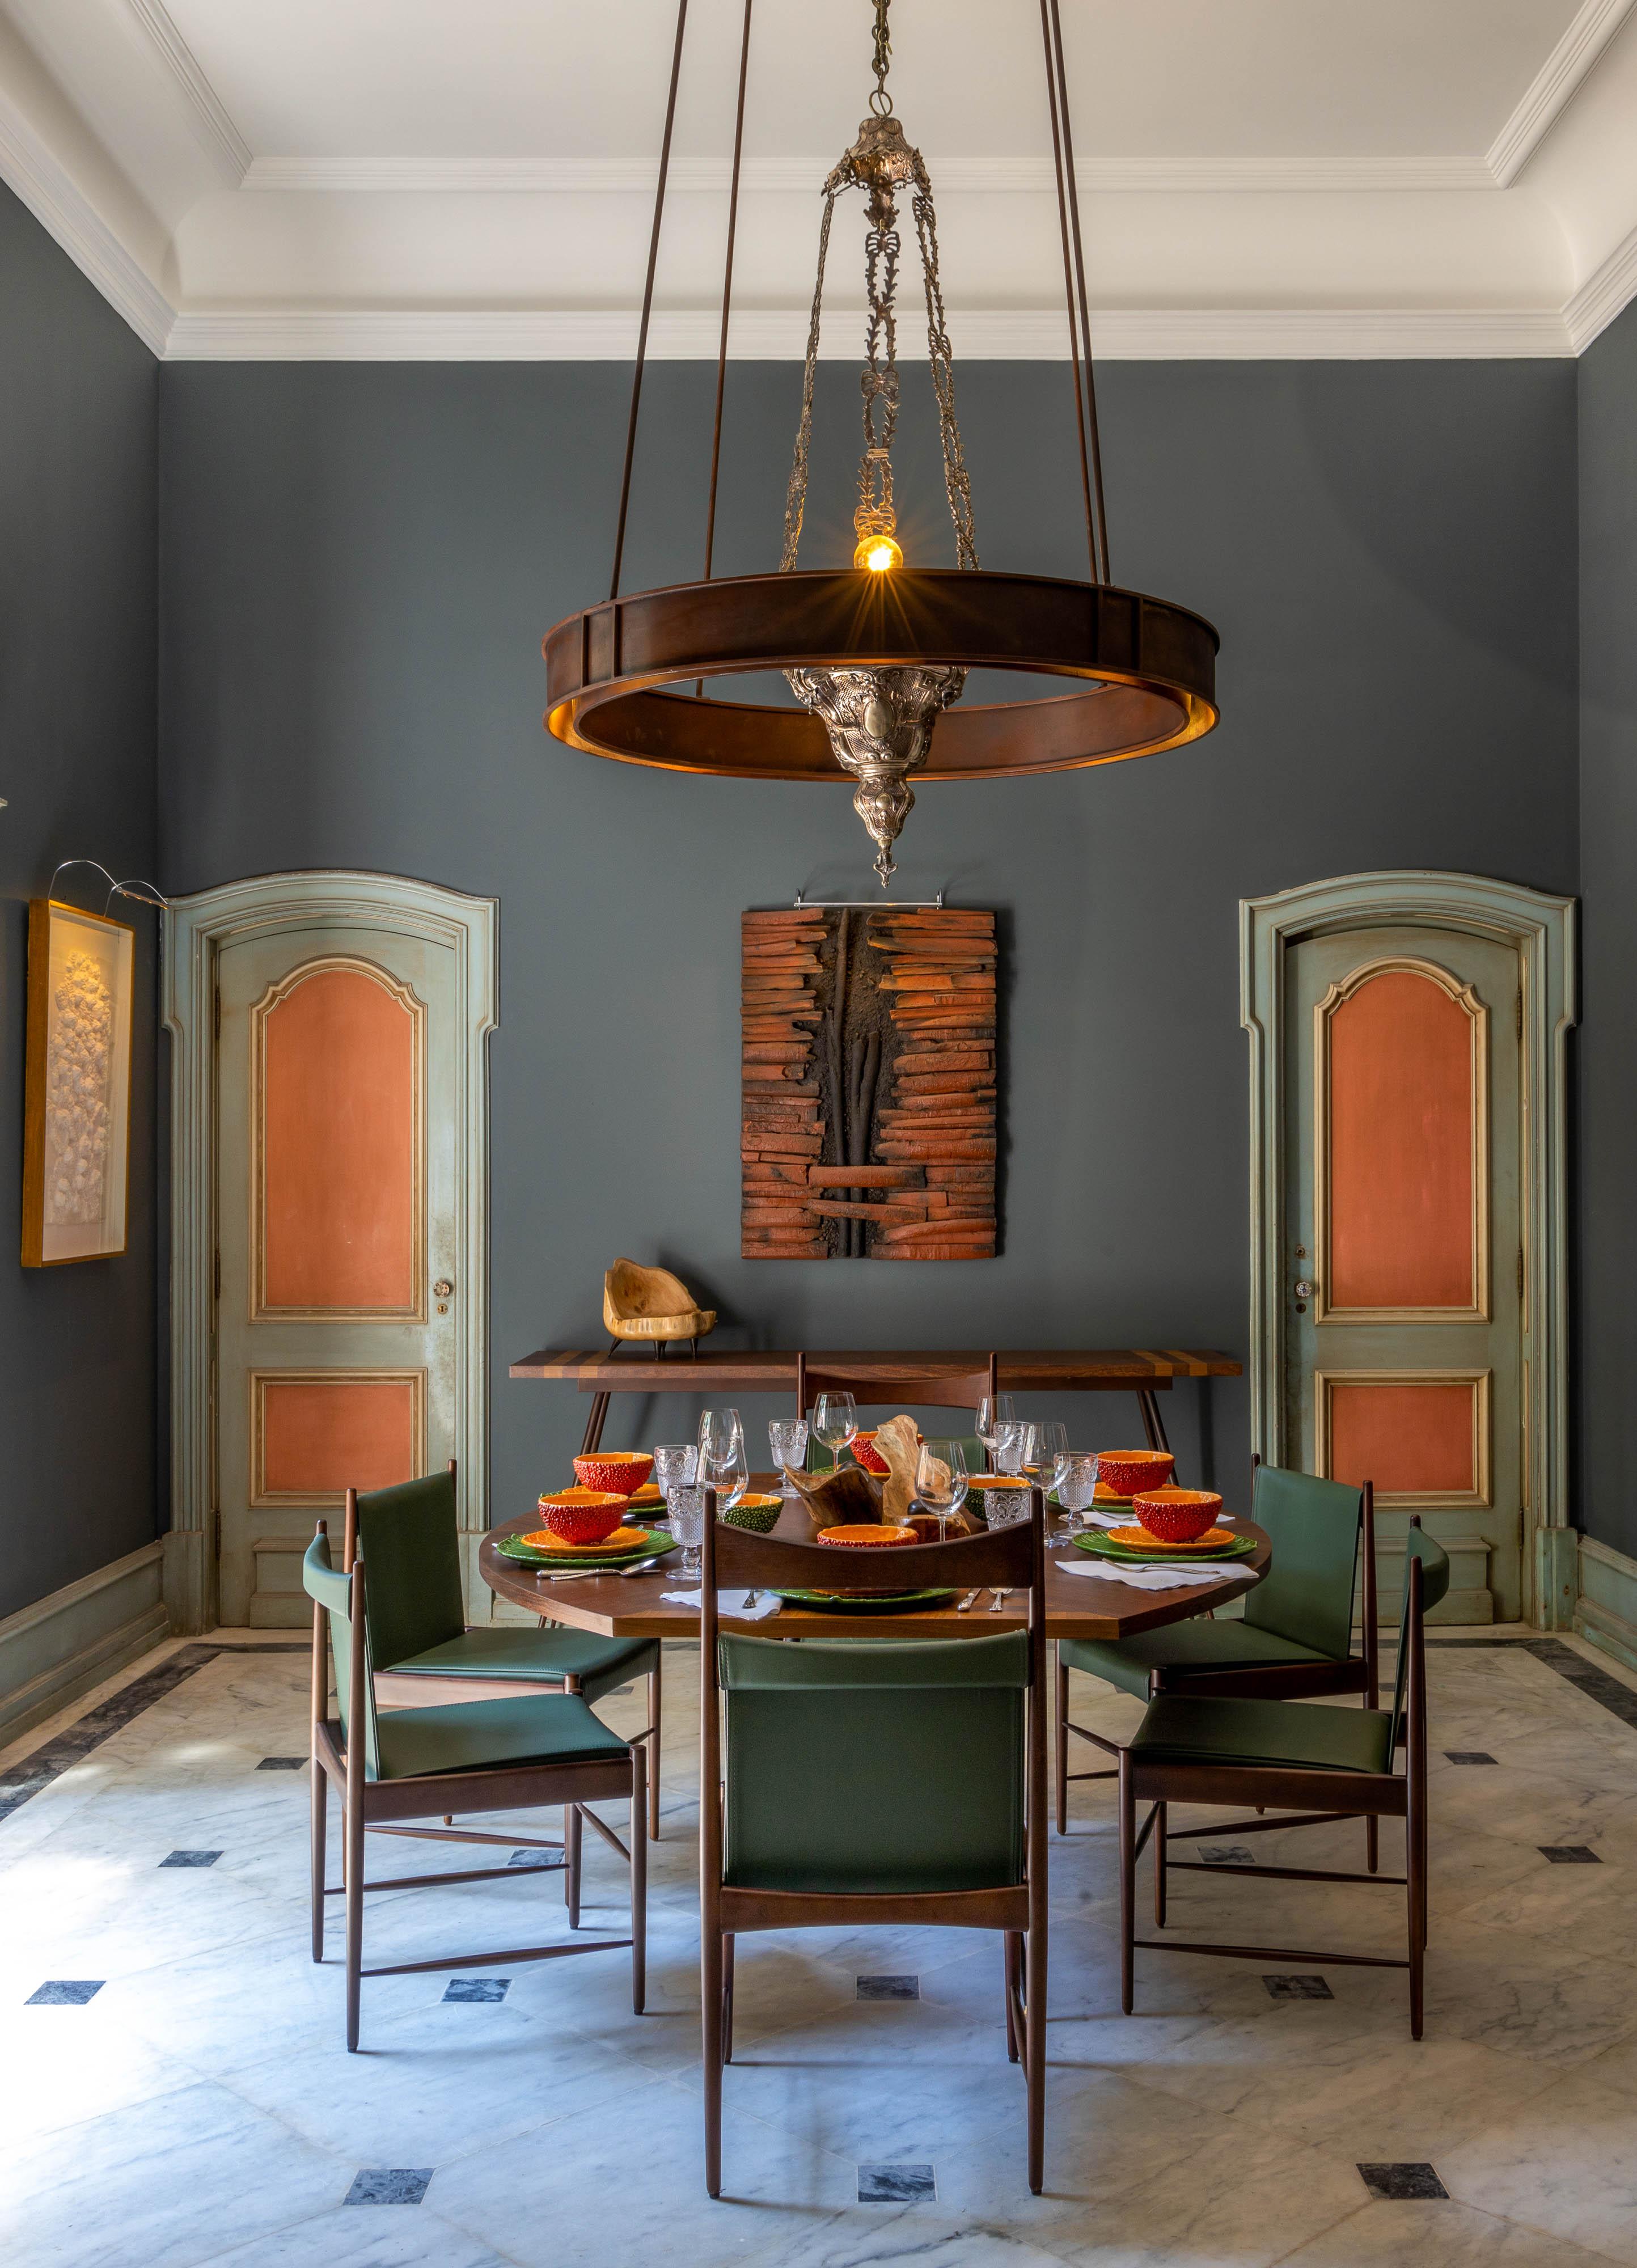 Sala de estar em tons de cinza e laranja